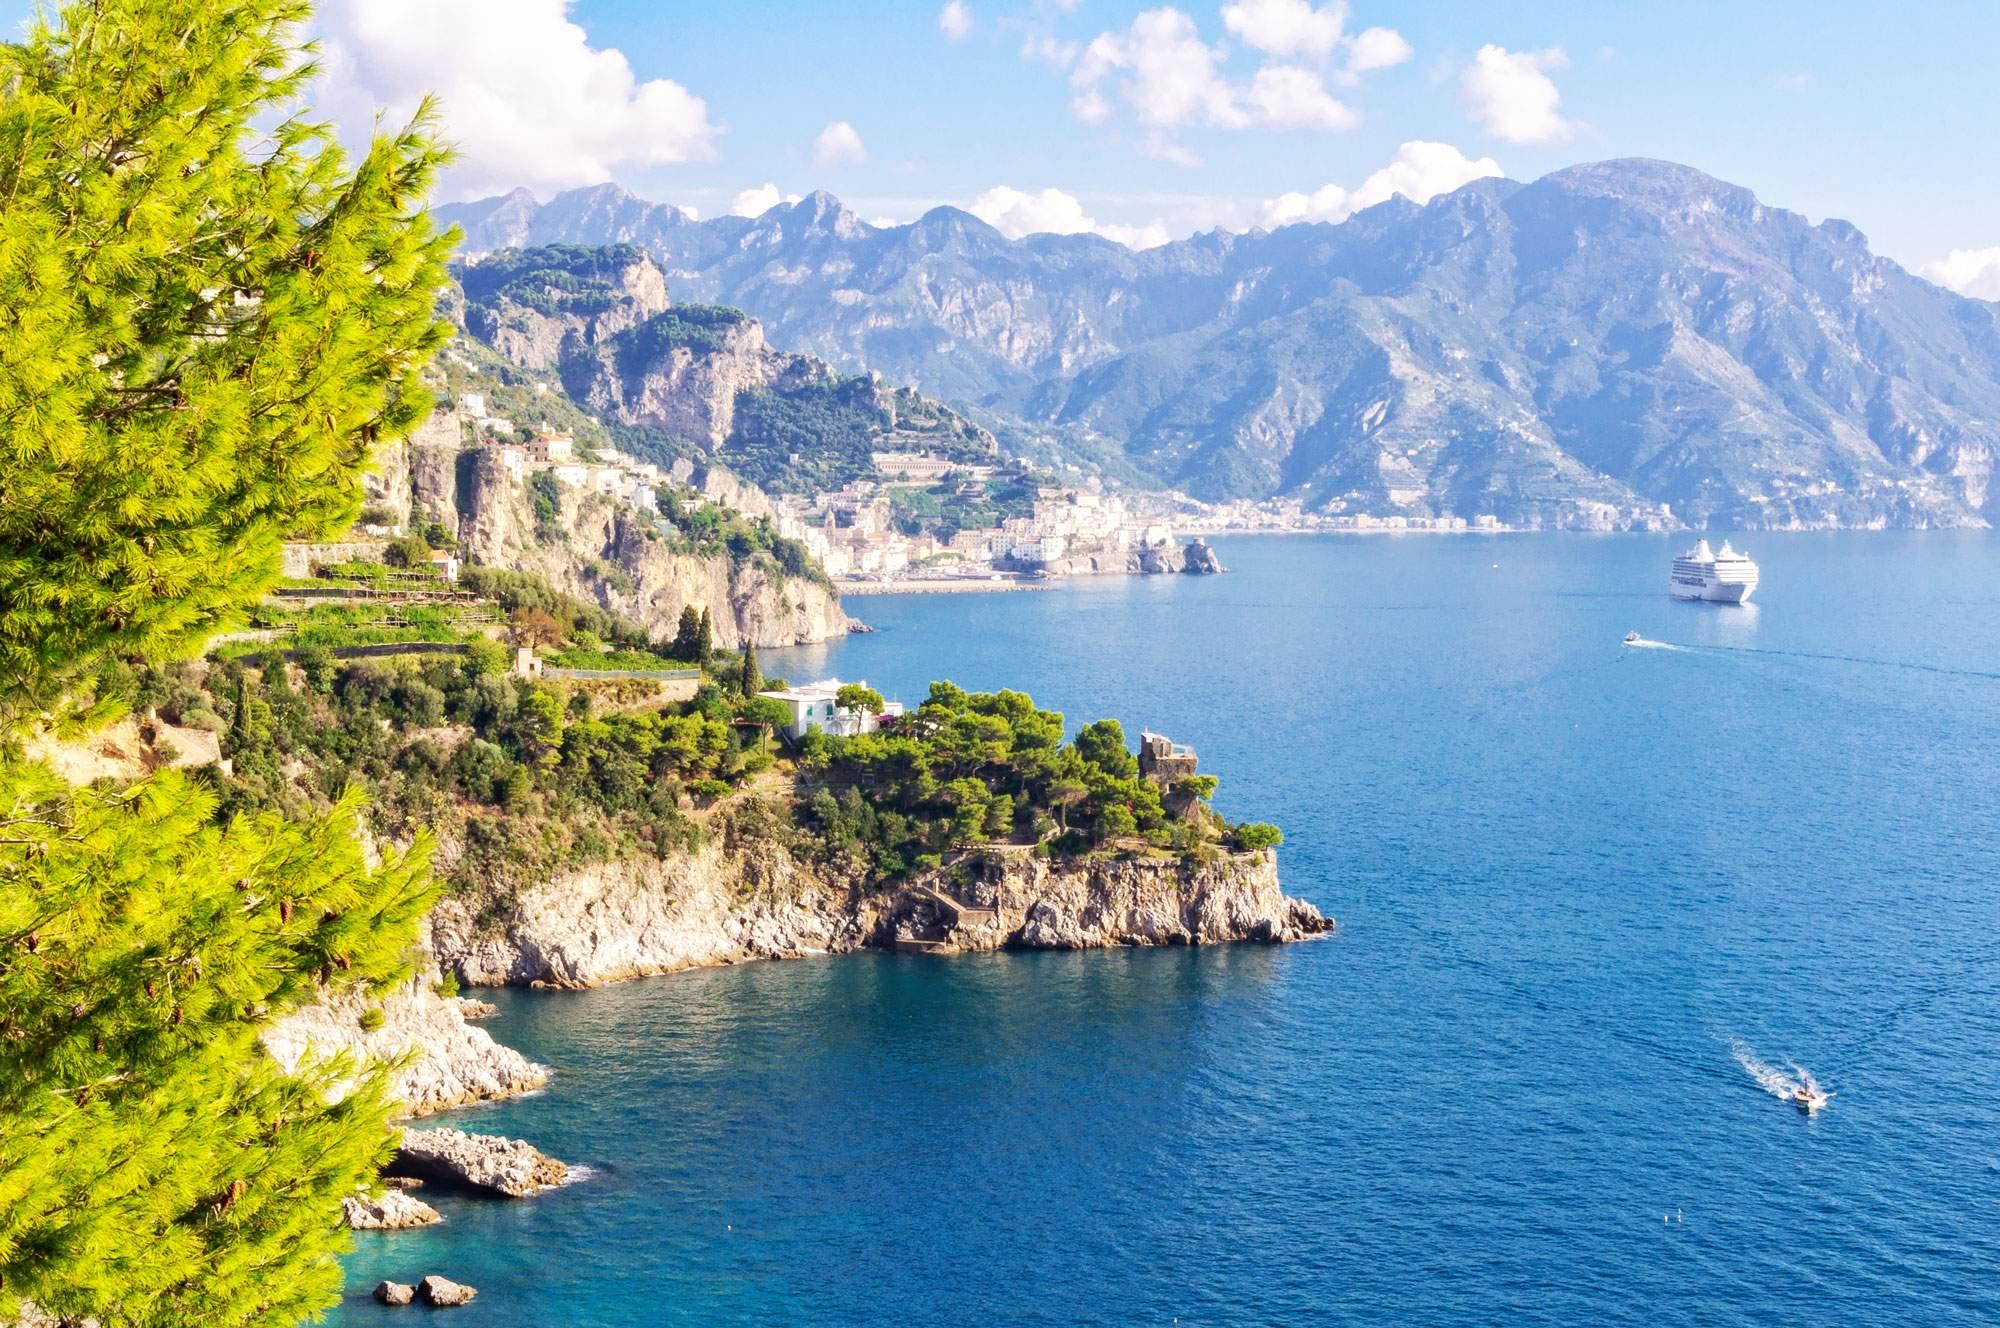 conca-di-marini-amalfi-coast-italy